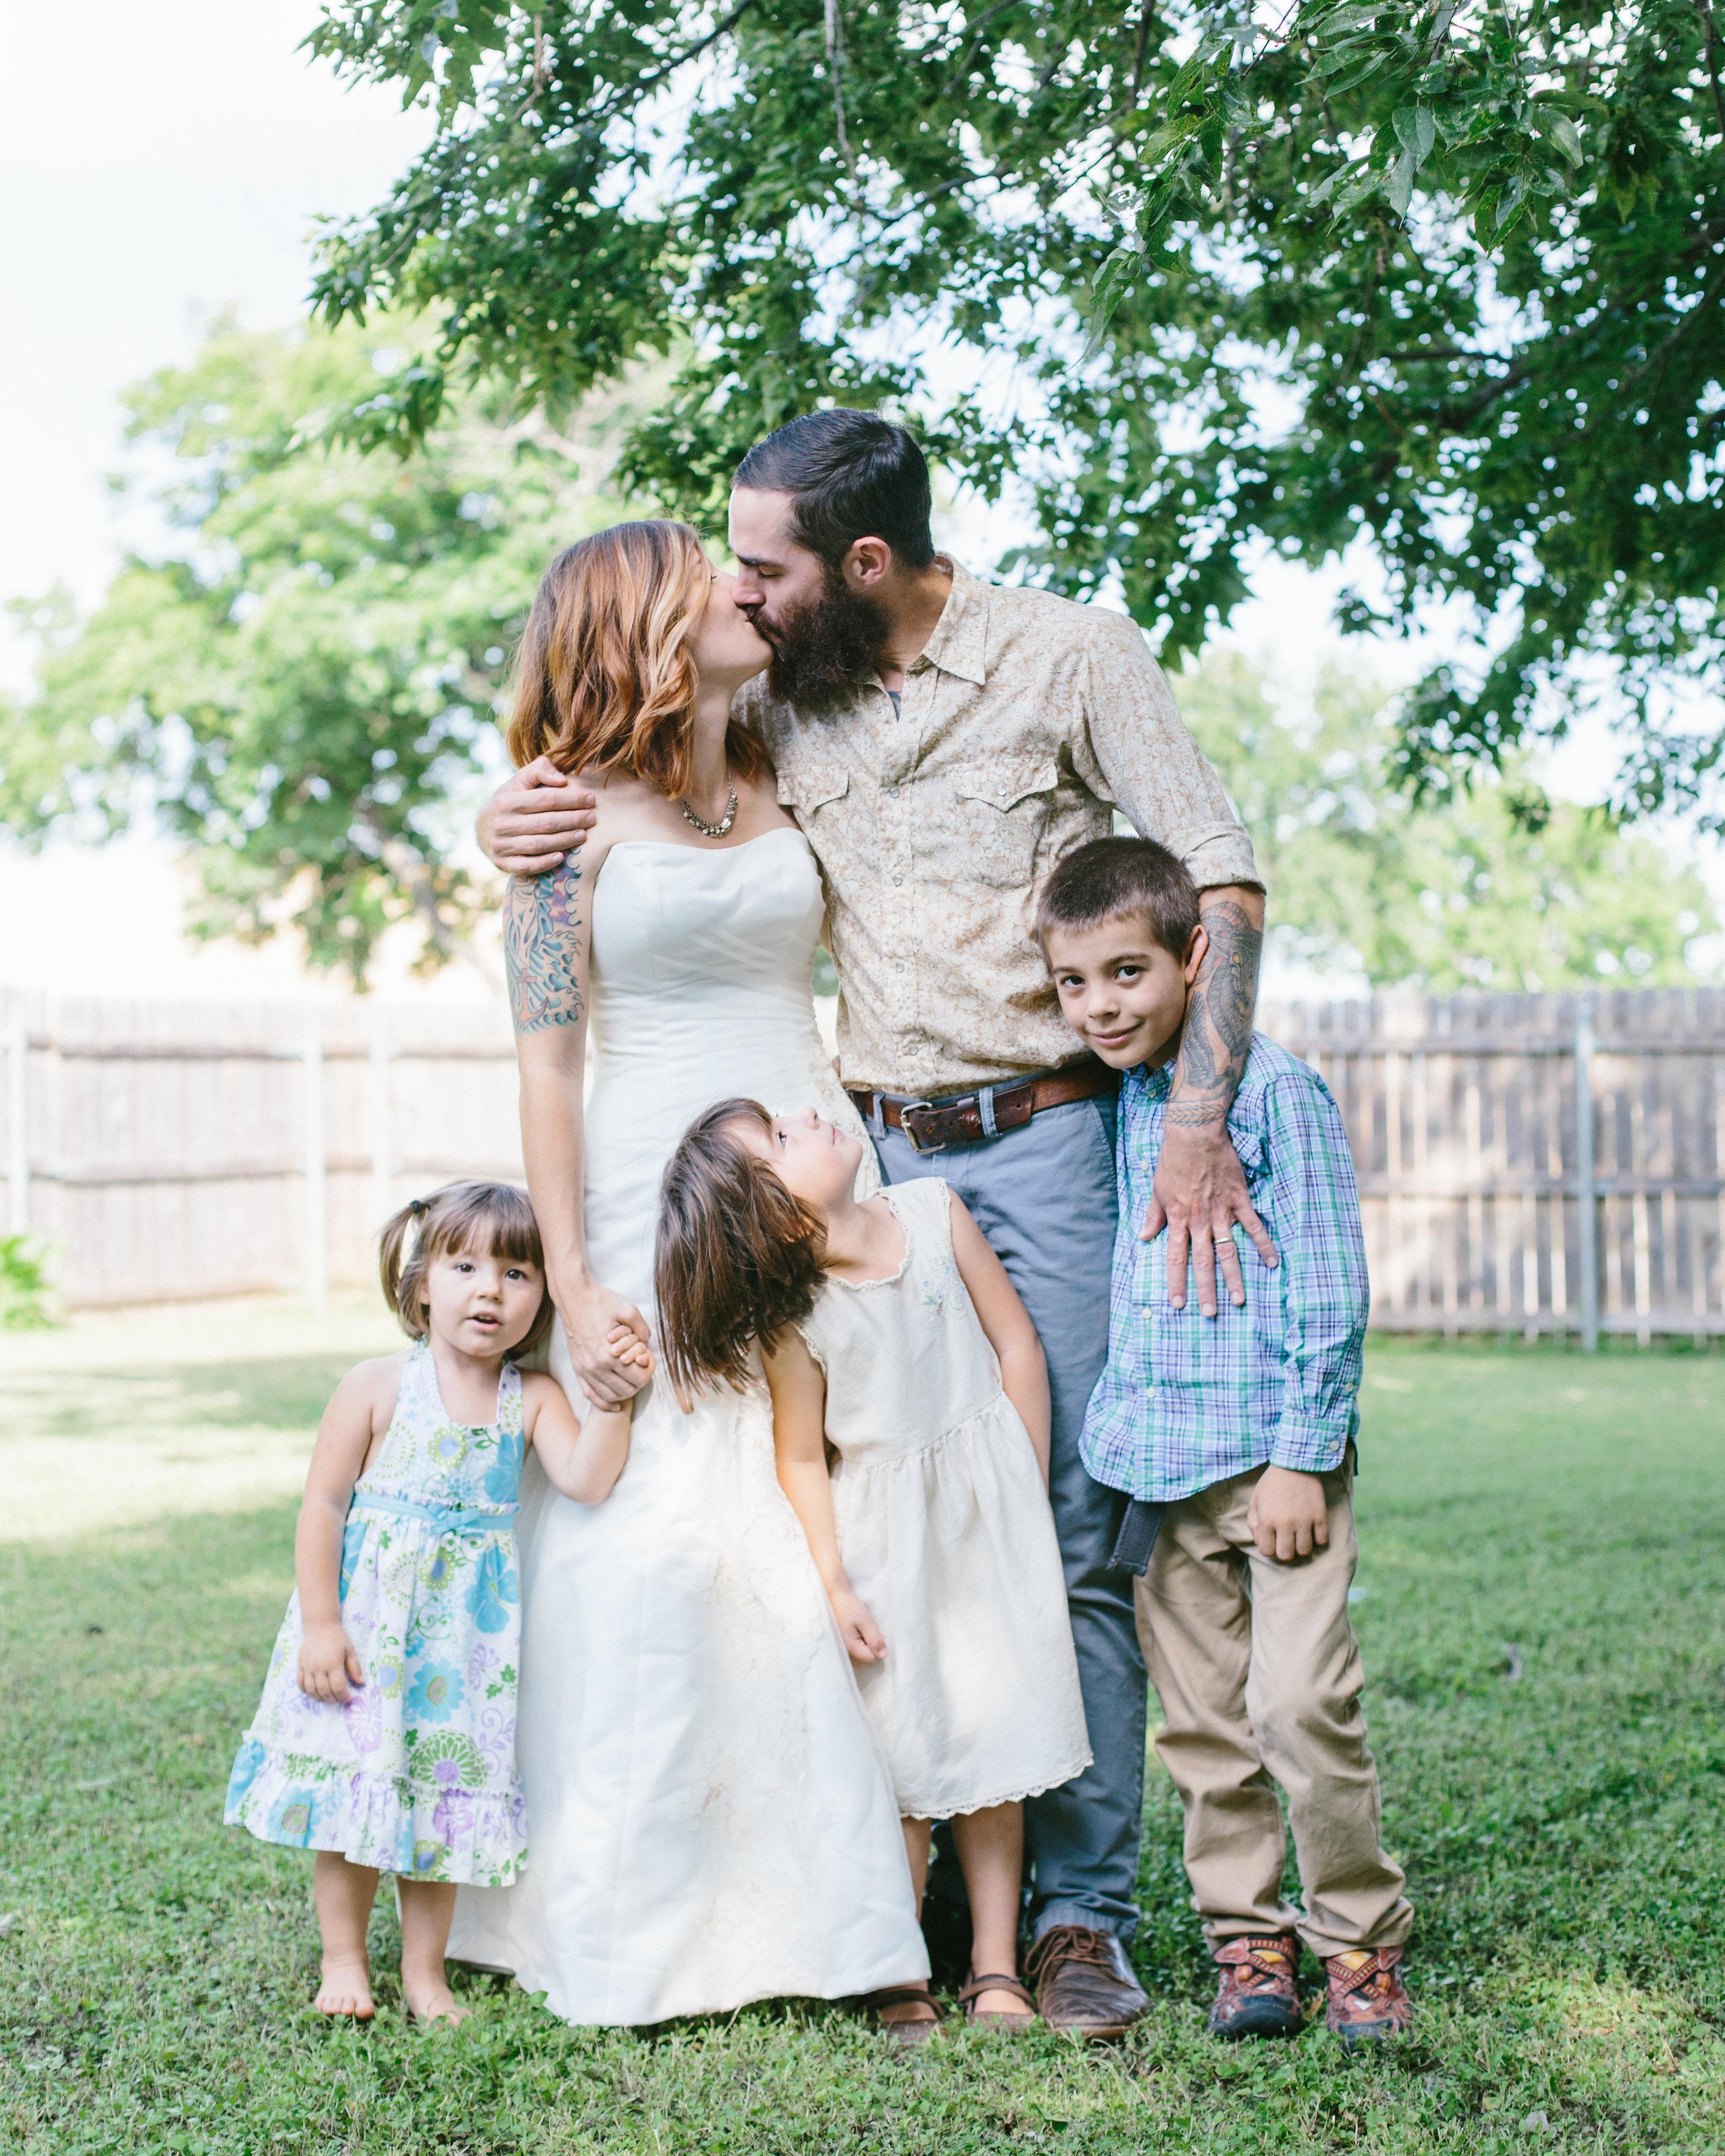 Ecr Wedding In A Week Facebook: It's NFP Awareness Week